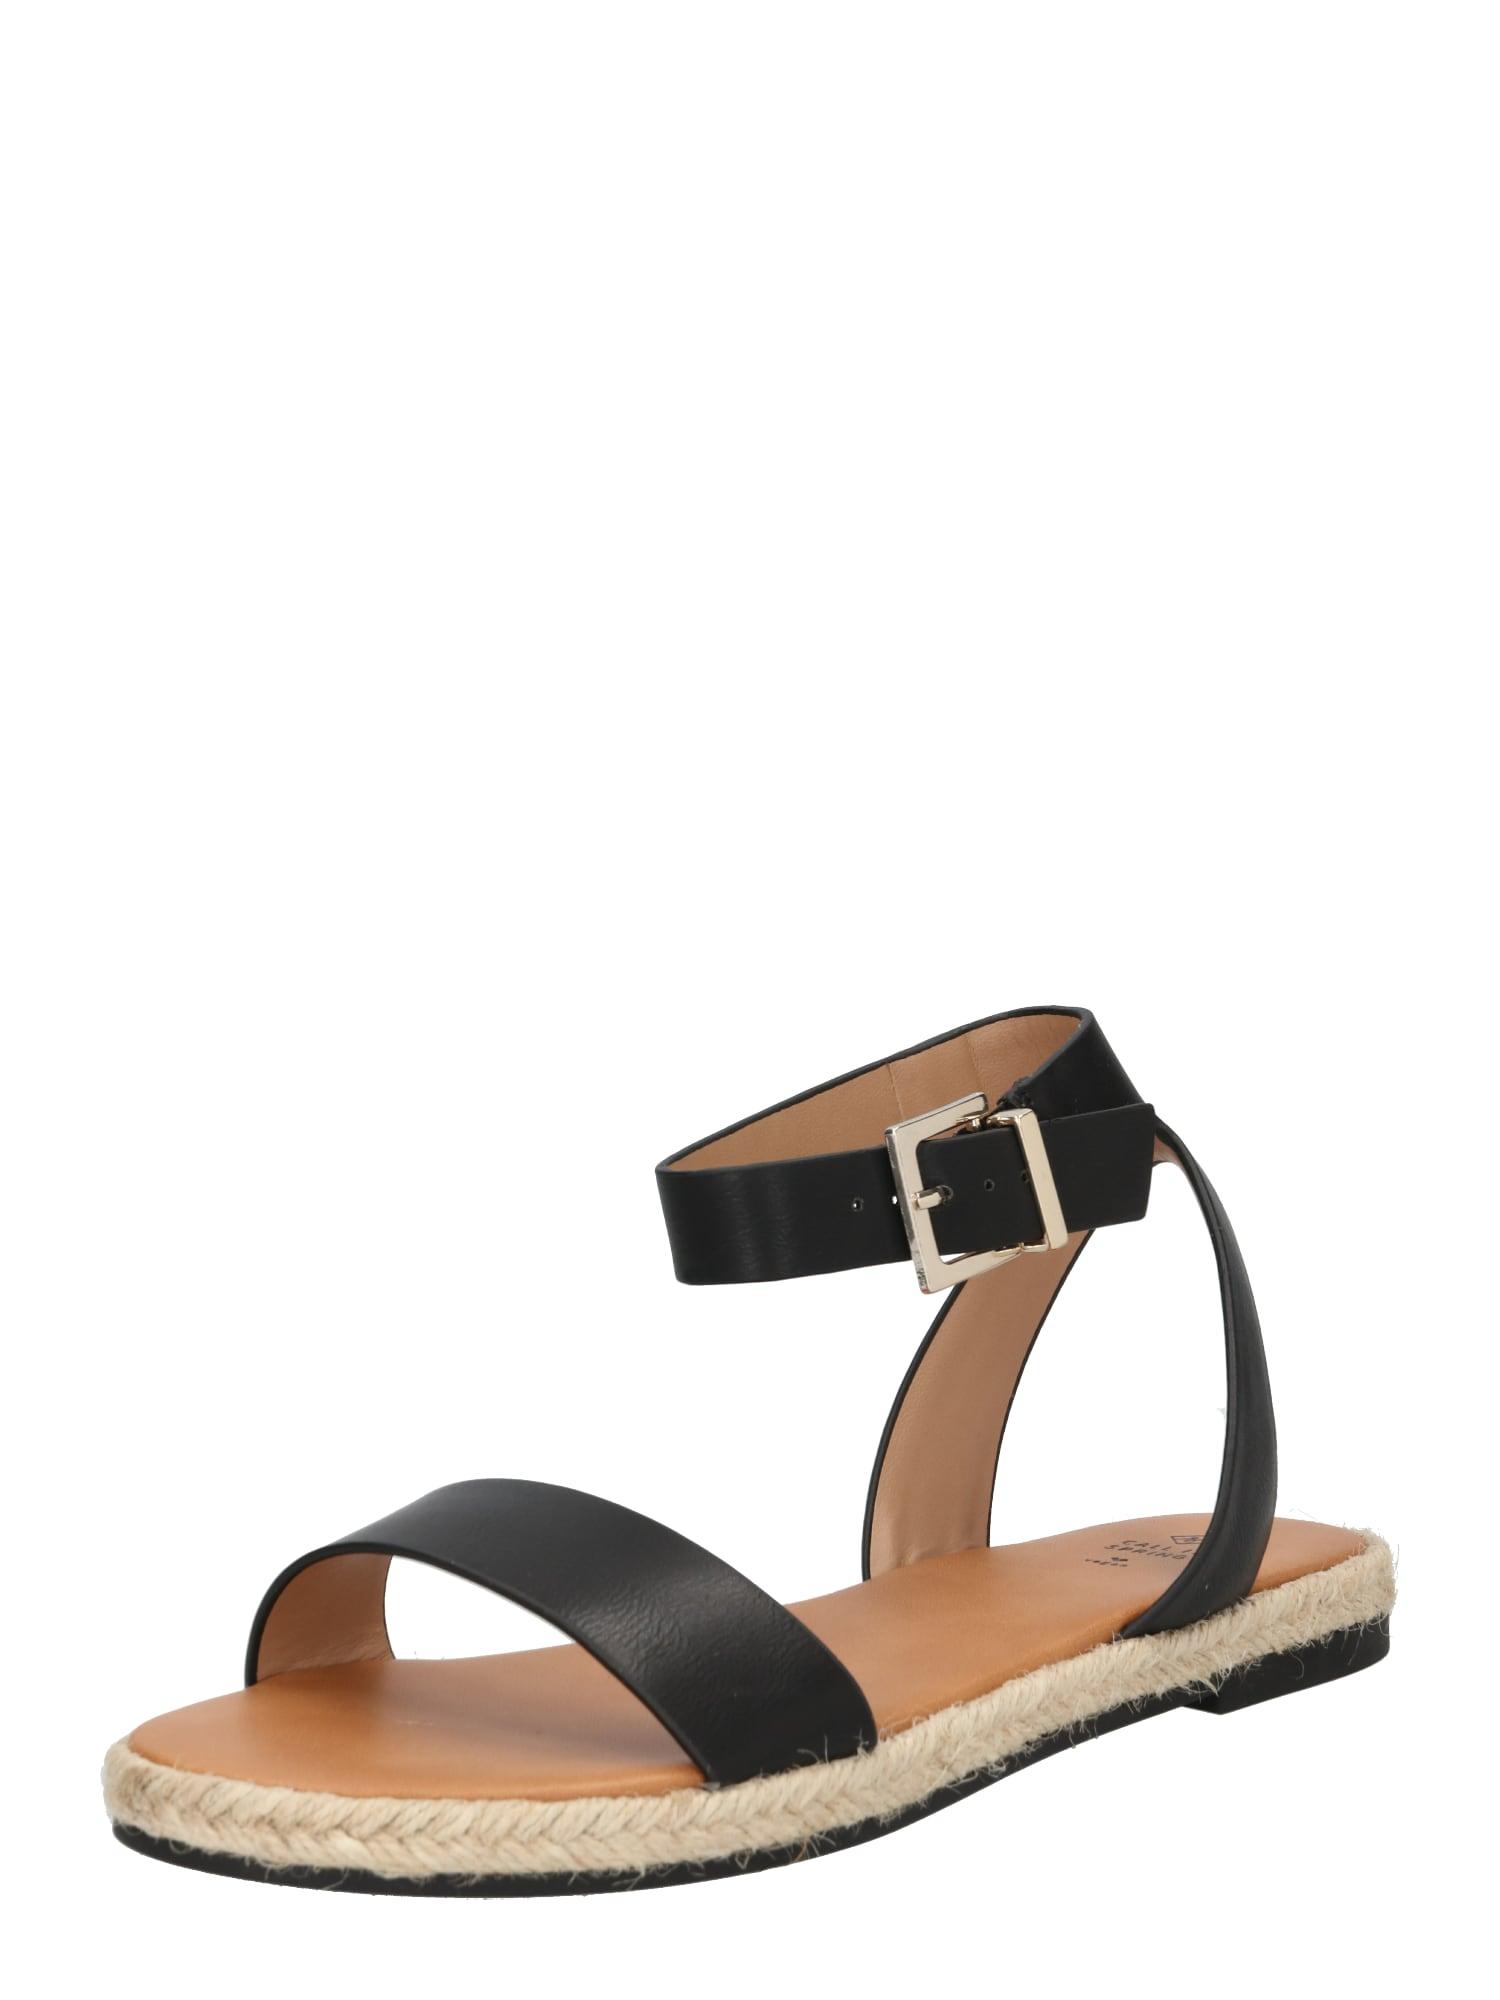 Páskové sandály REDLIP béžová černá CALL IT SPRING